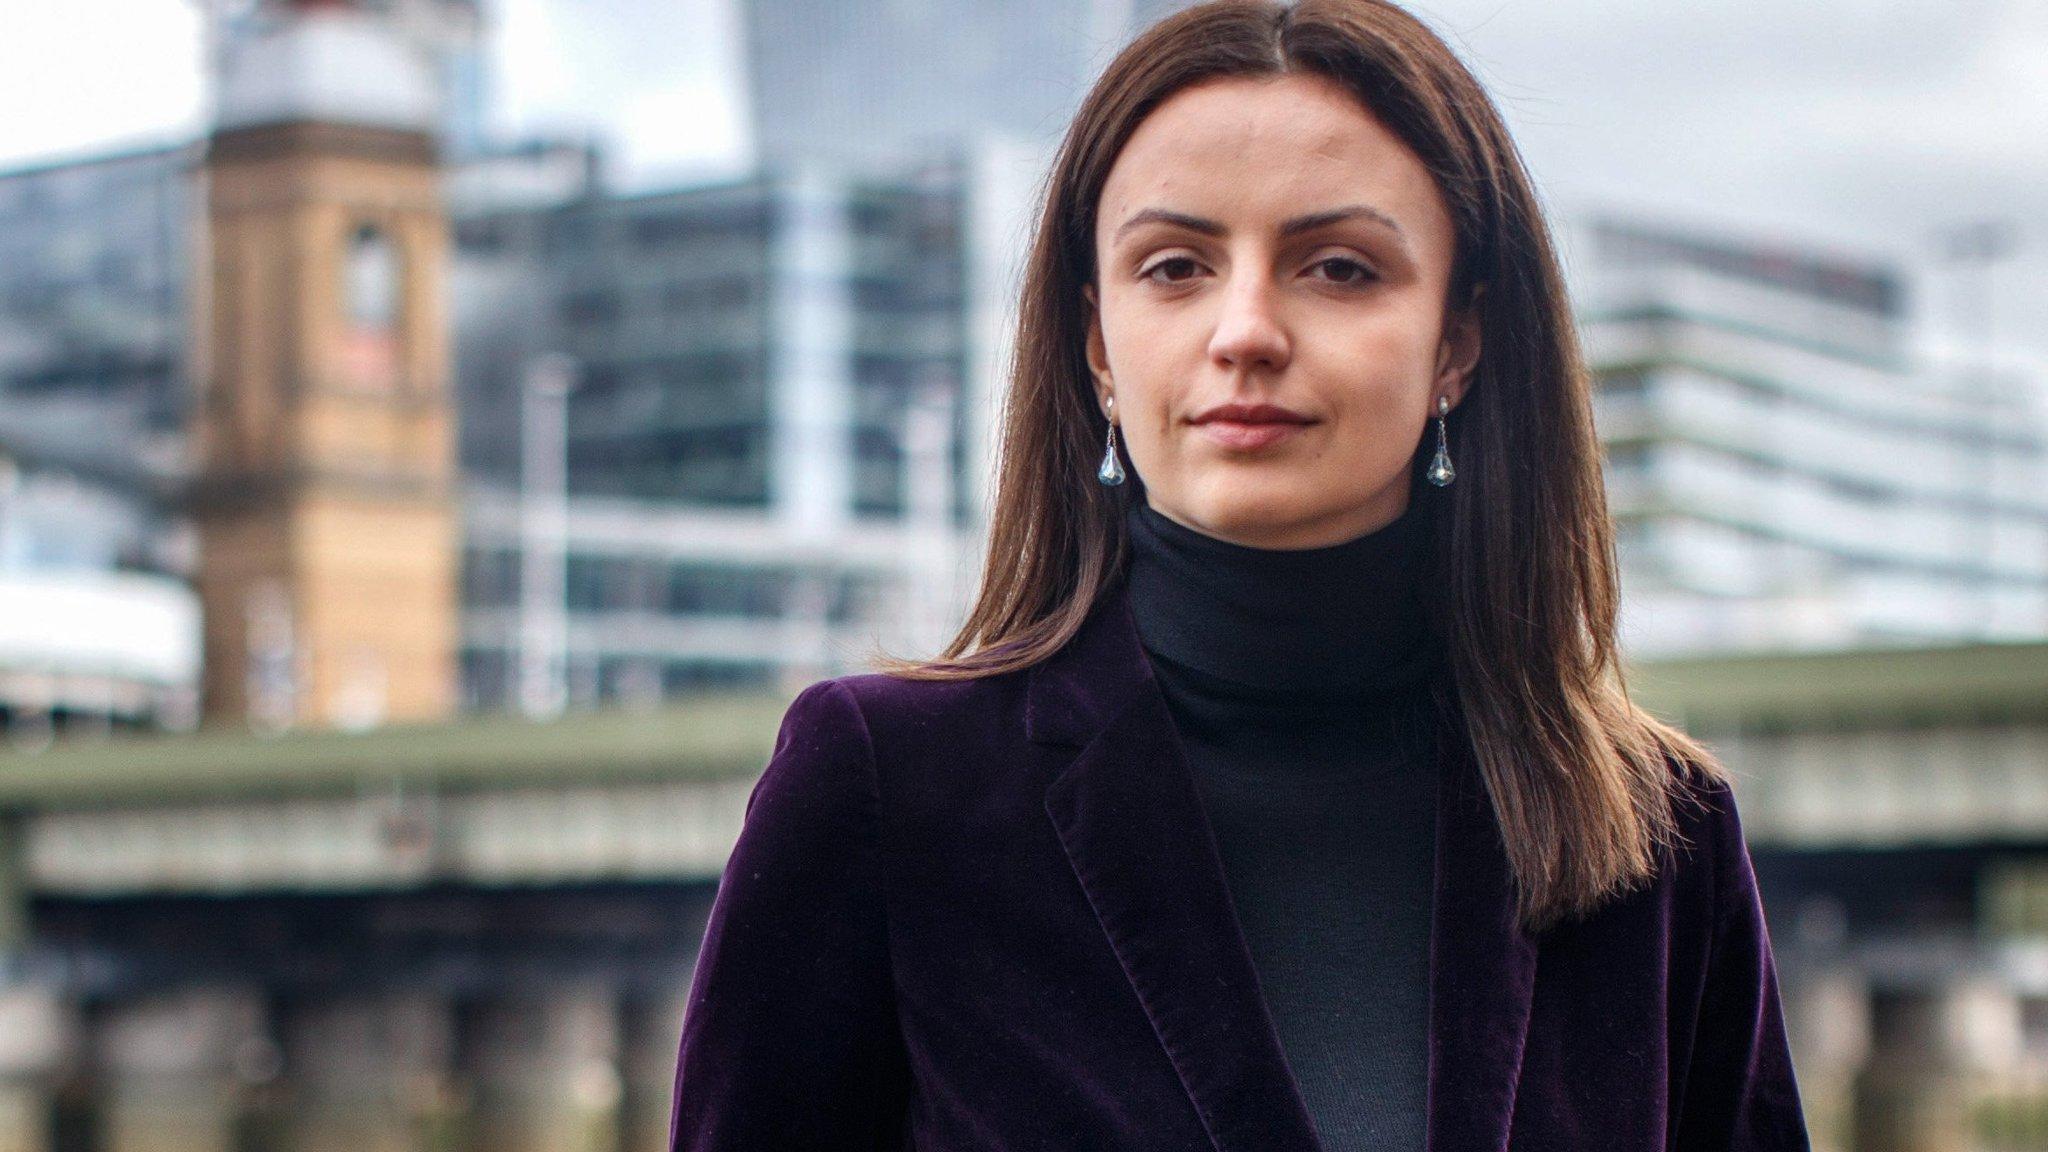 Bulgaria builds on legacy of female engineering elite